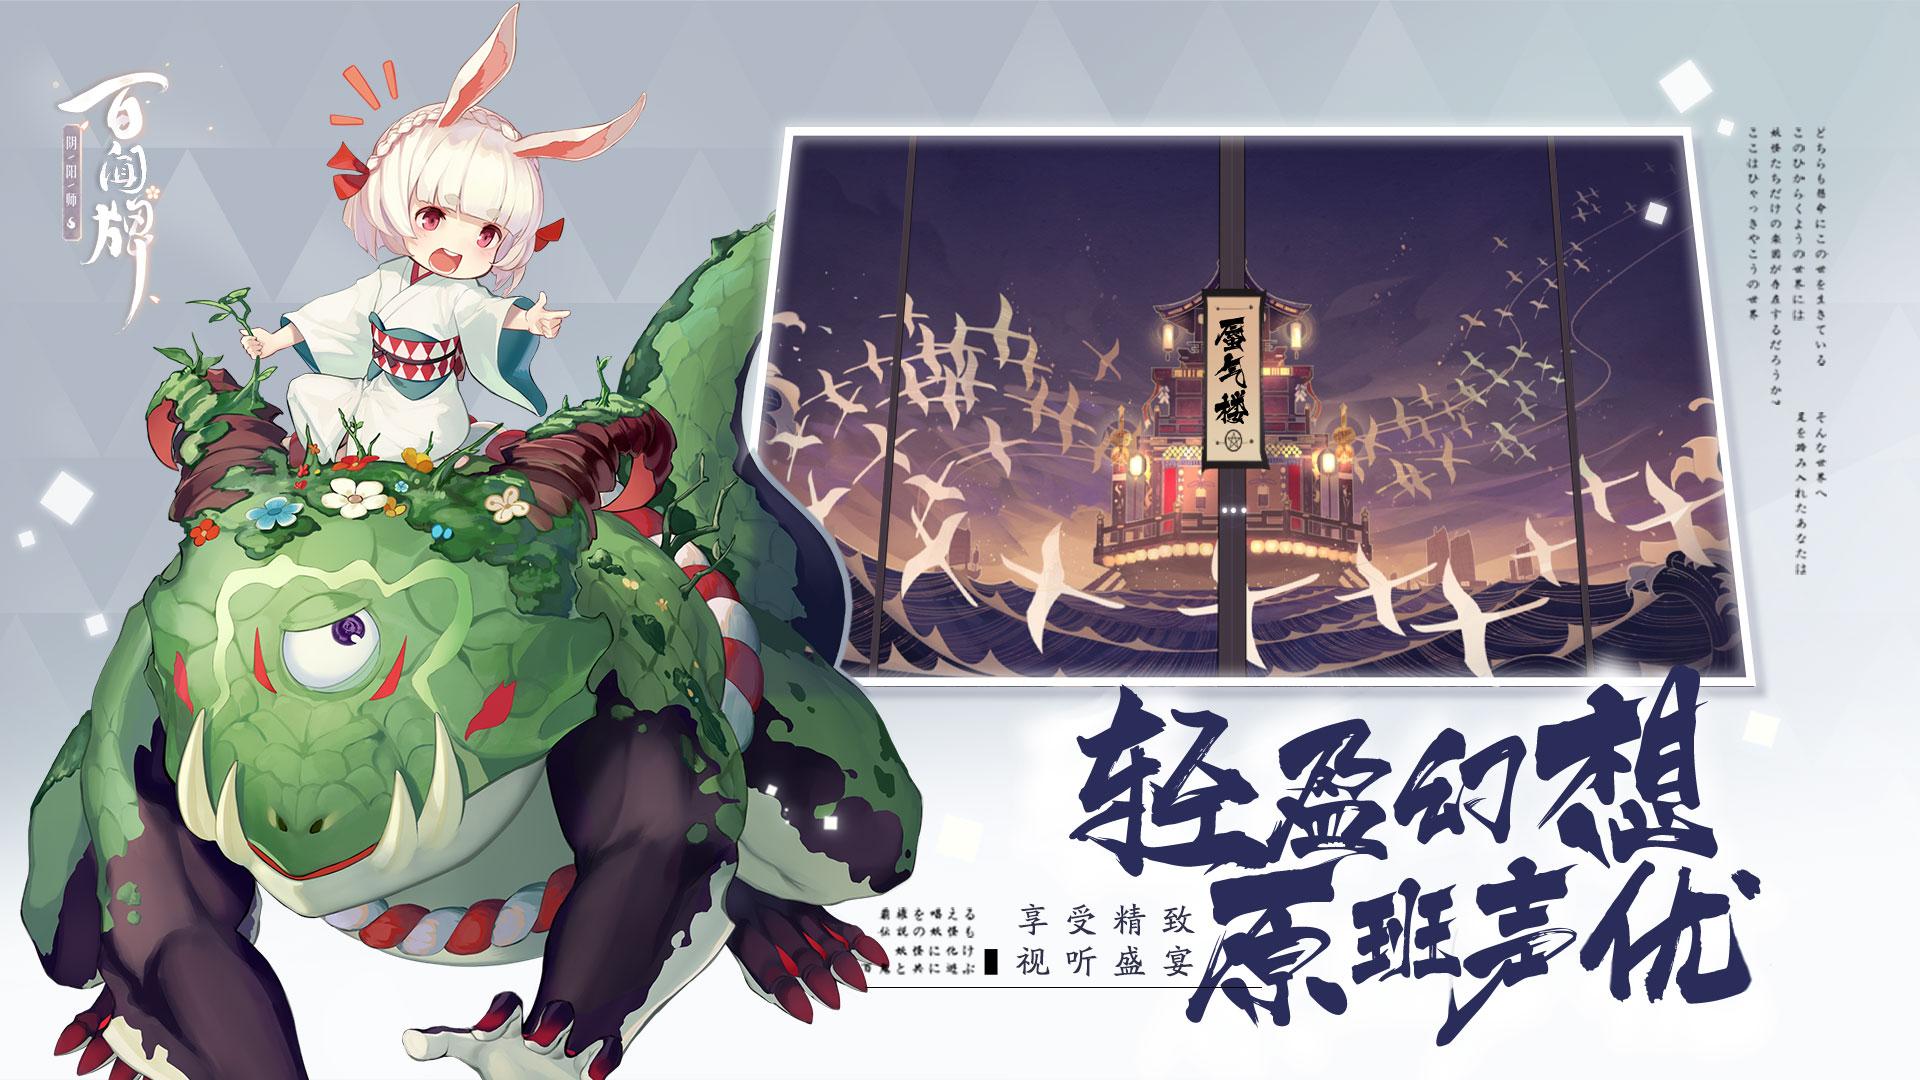 《阴阳师:百闻牌》现已全平台上线,双12晚开启不思议牌局之夜!